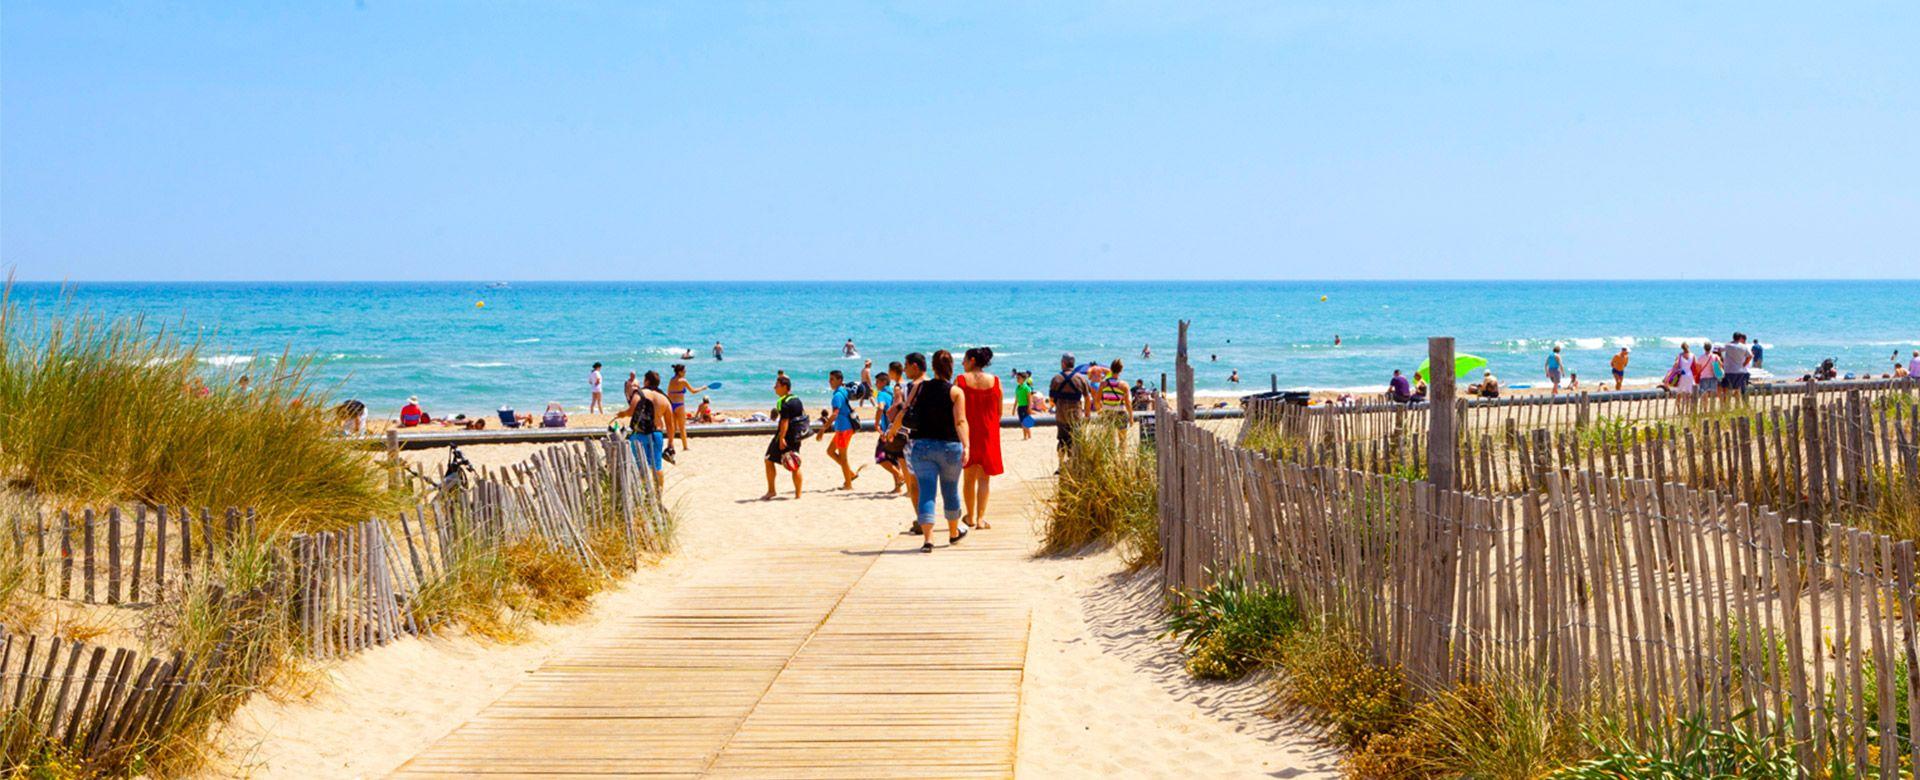 10 Best Des Dunes Et Du Soleil Images On Pinterest | Dune, Camping And  Campsite